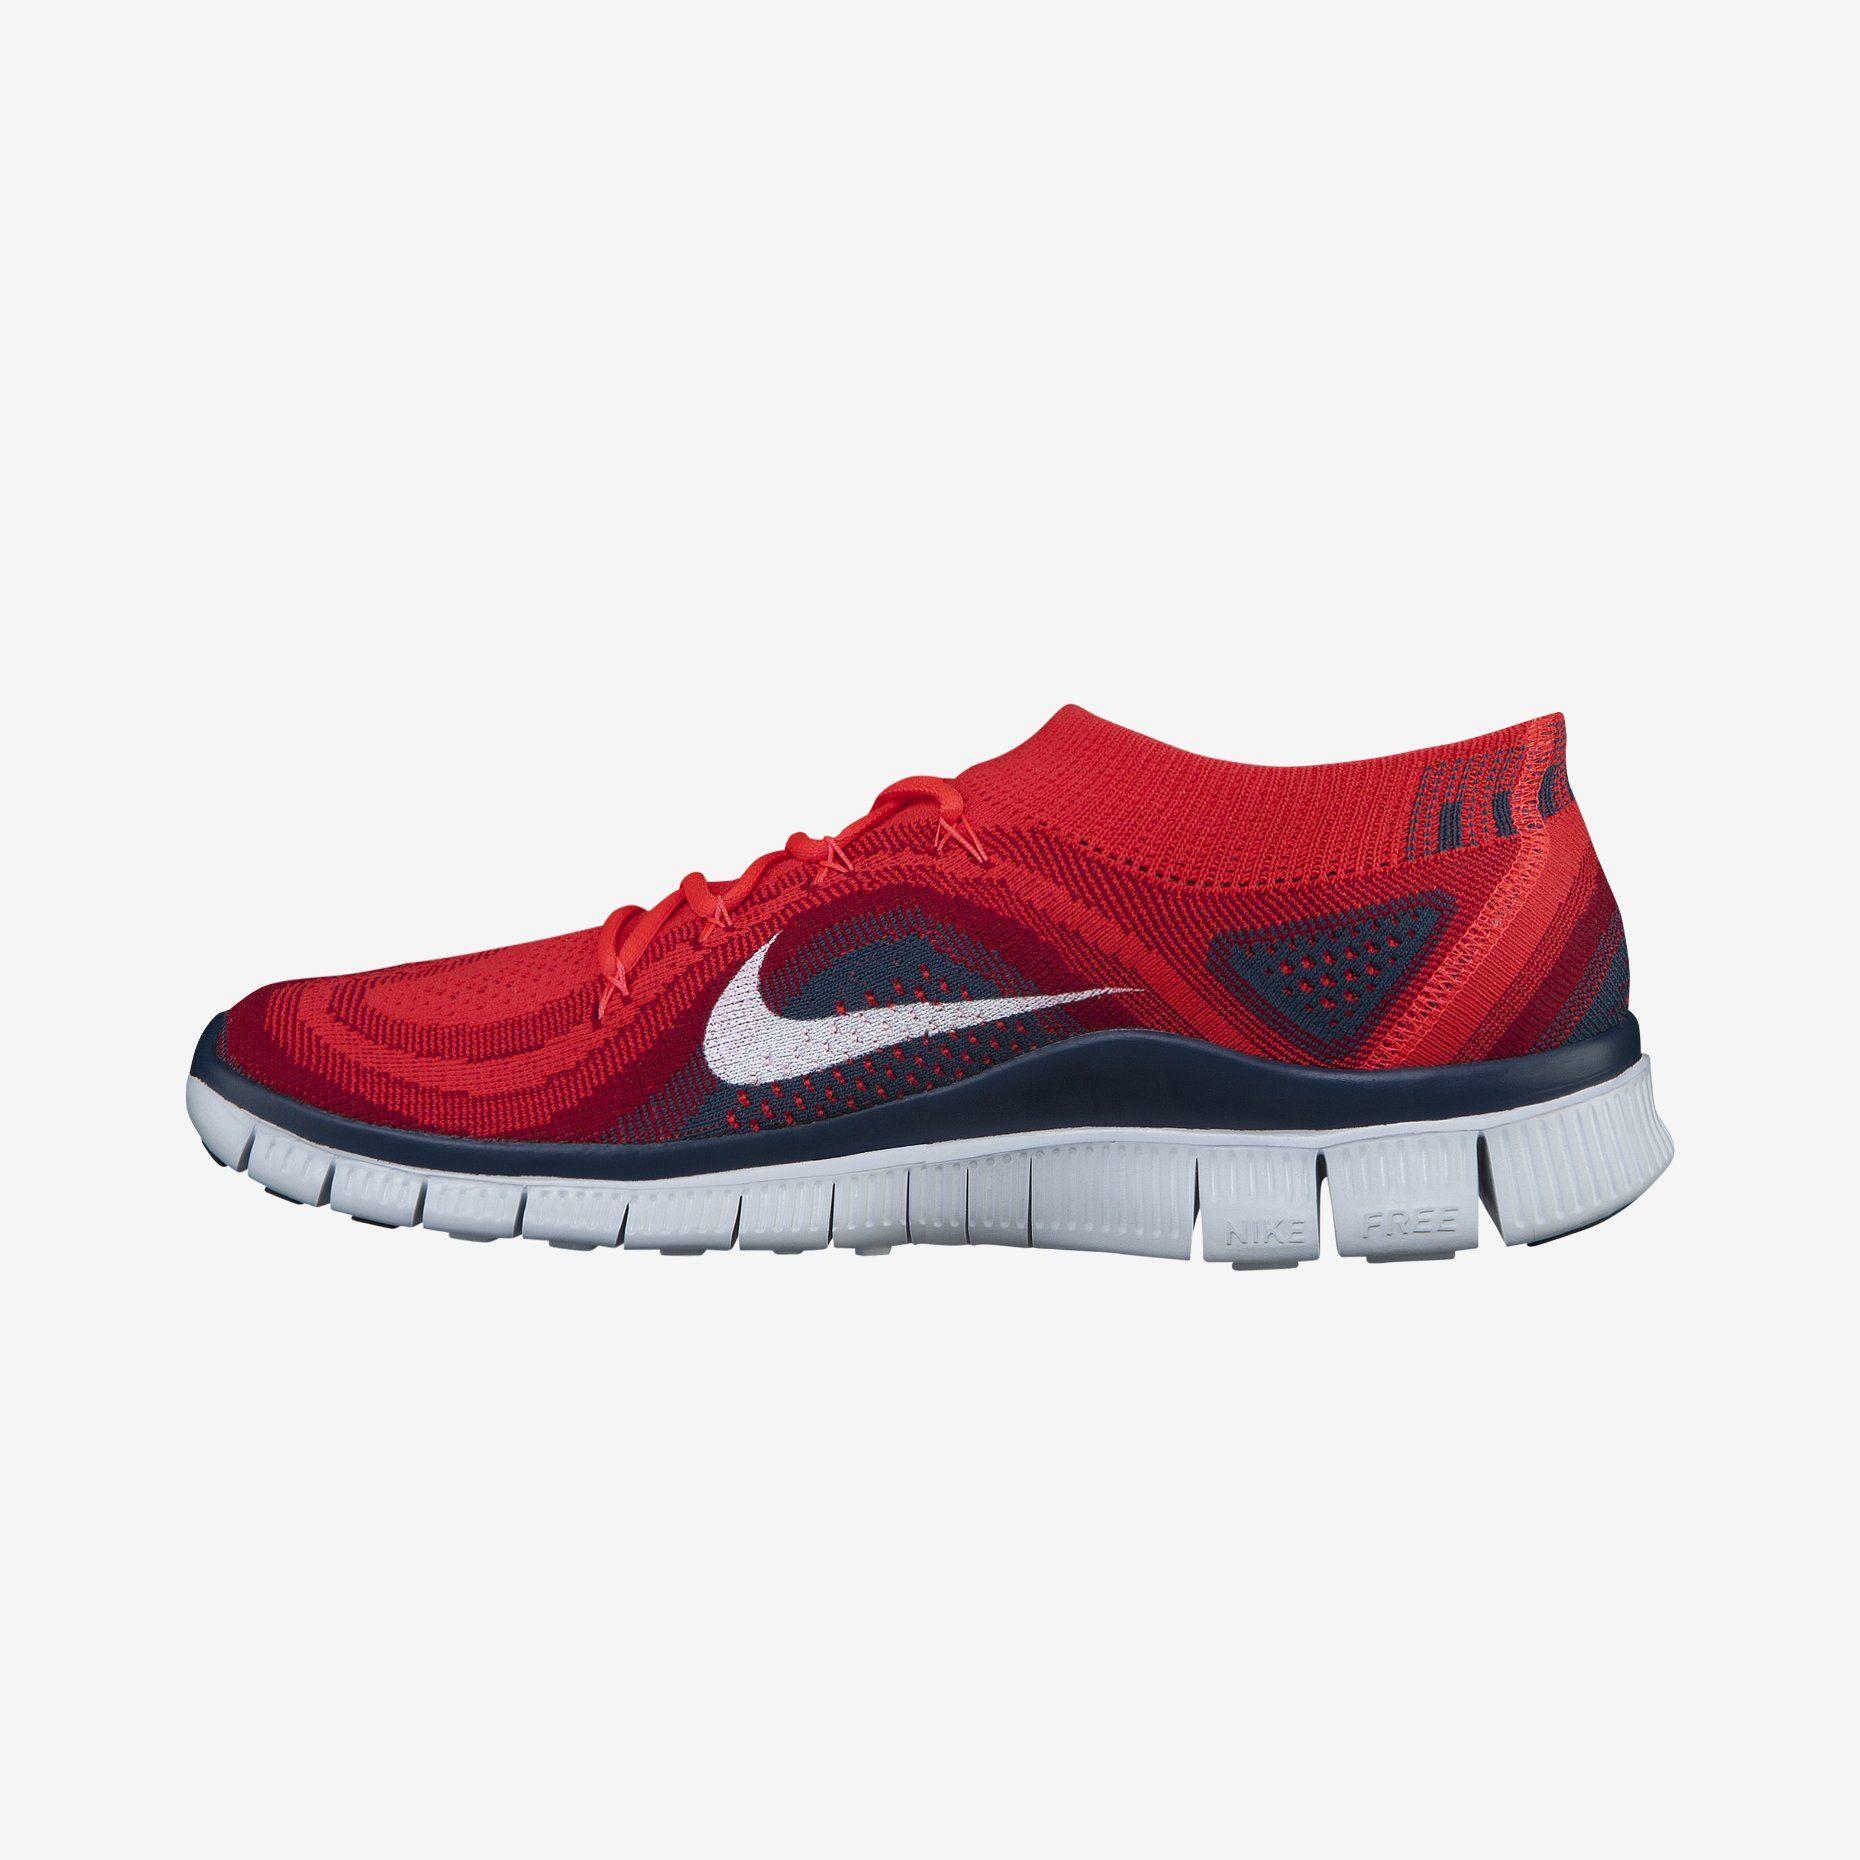 los angeles 524ac be818 Nike Free Flyknit+ Men s Running Shoe